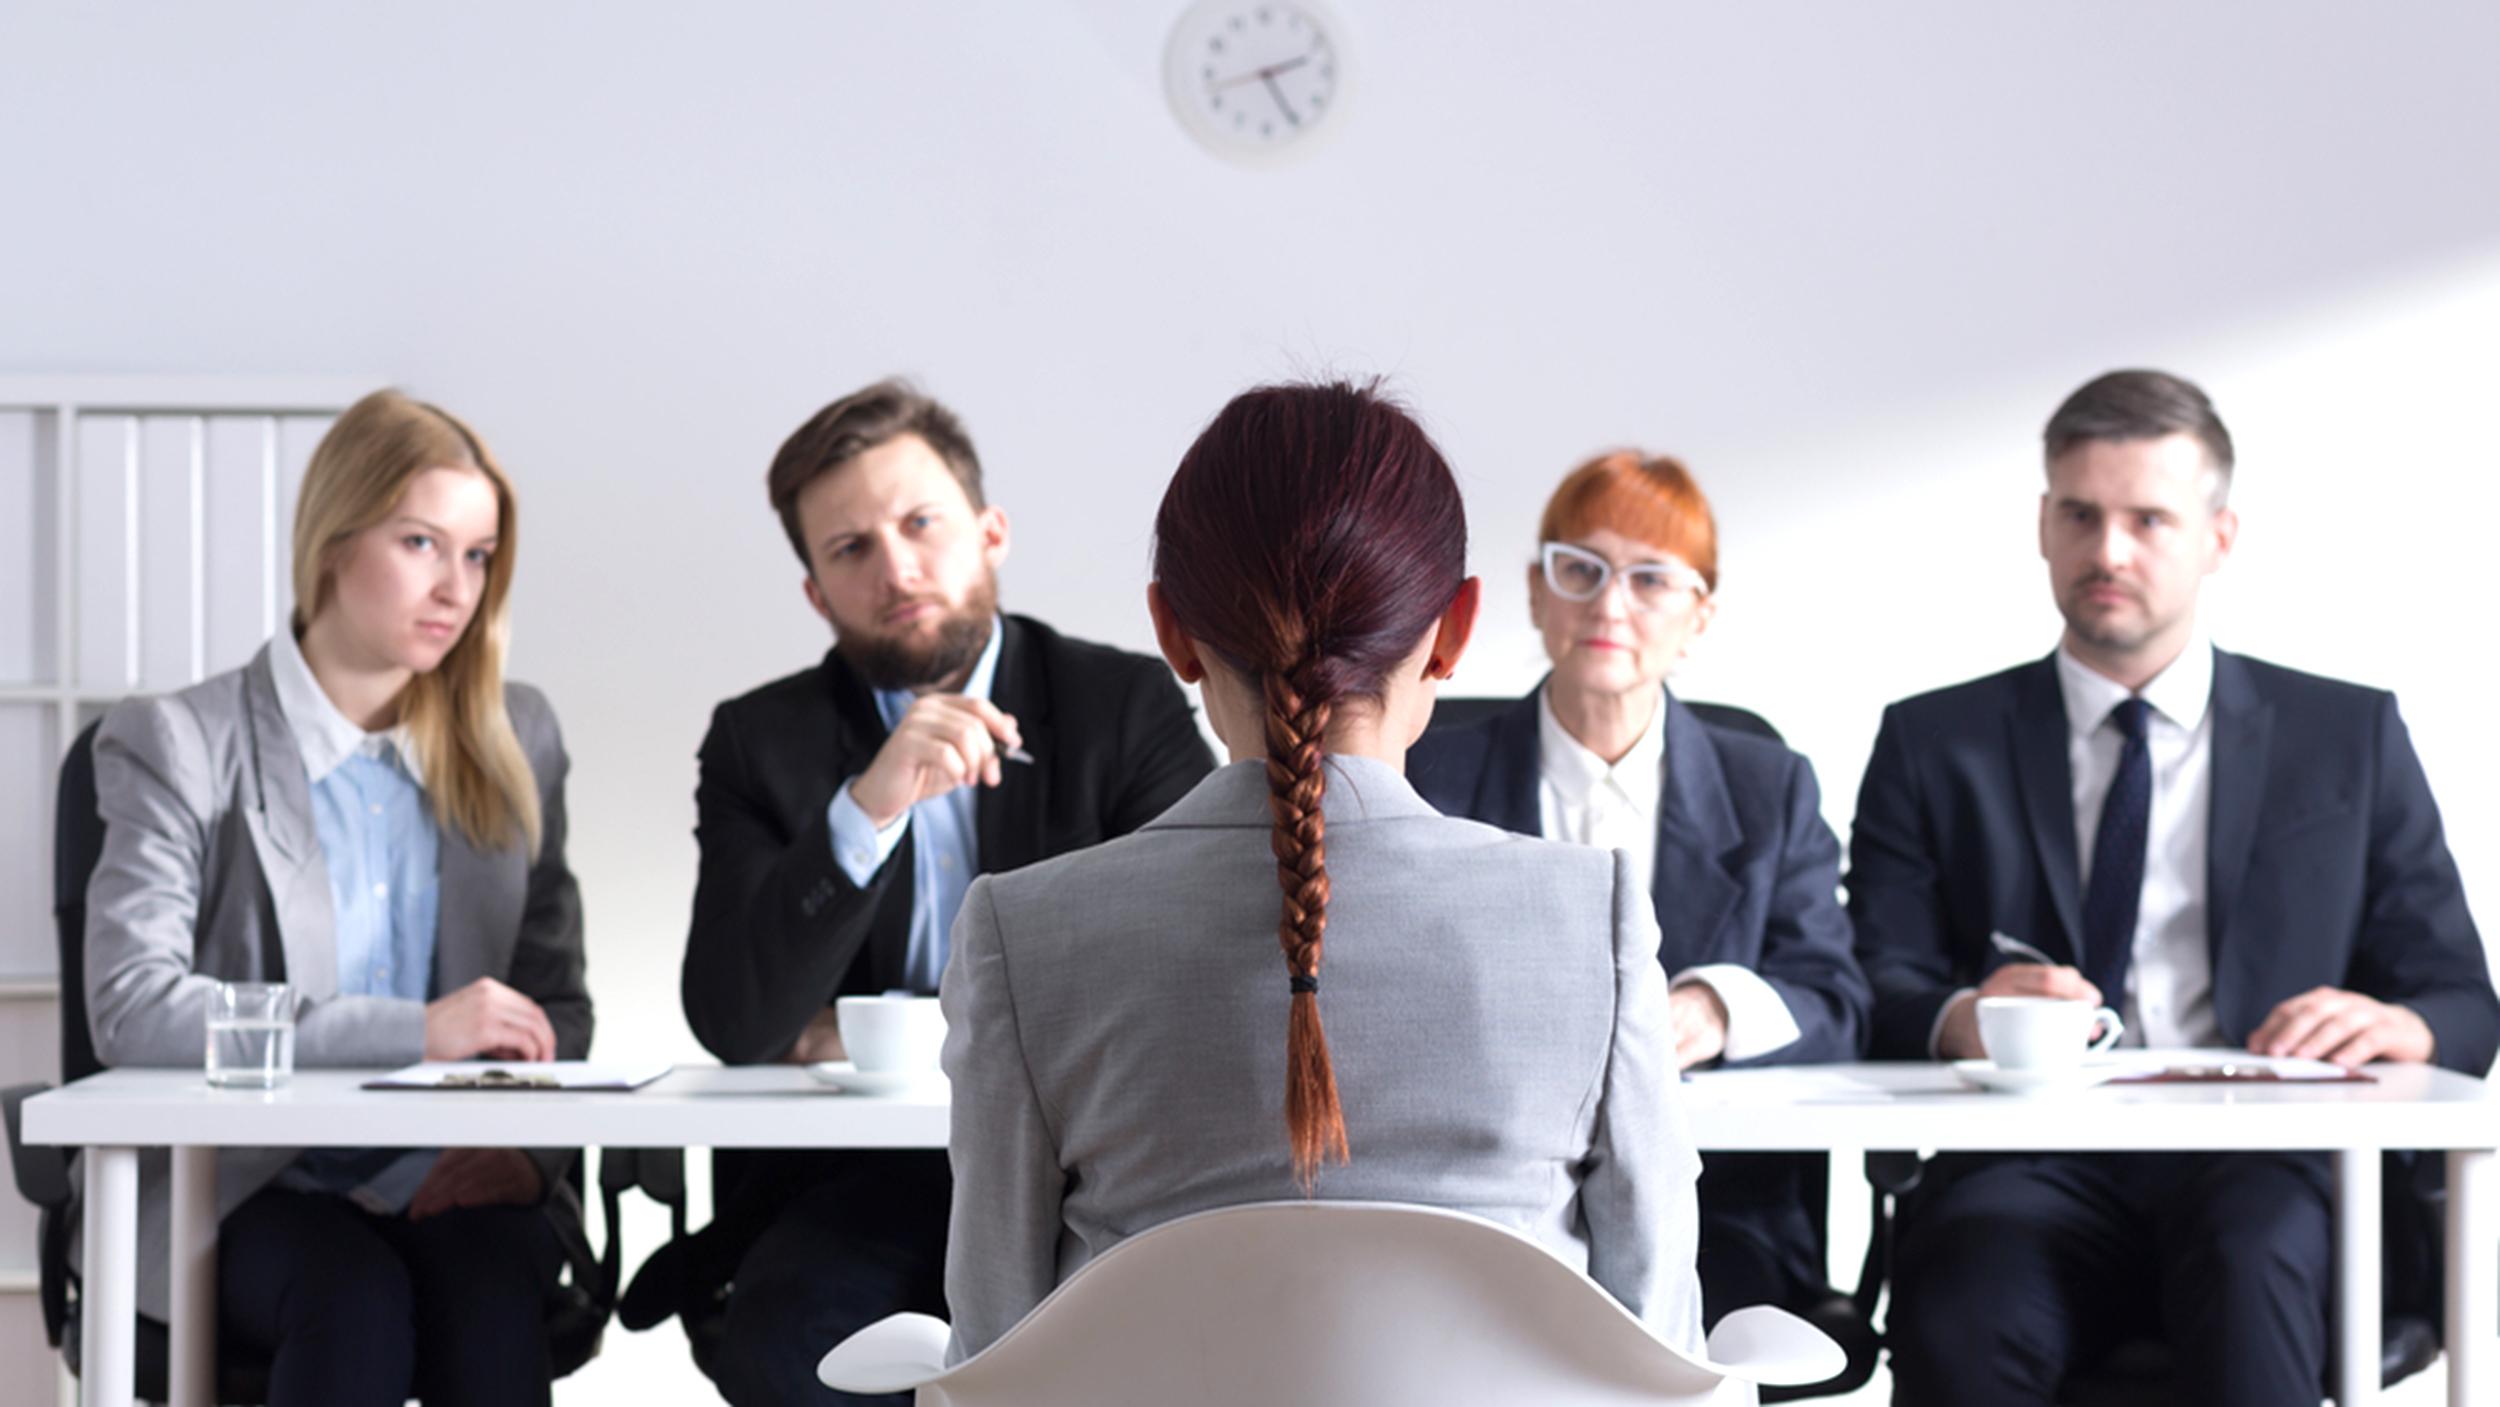 team work interview question